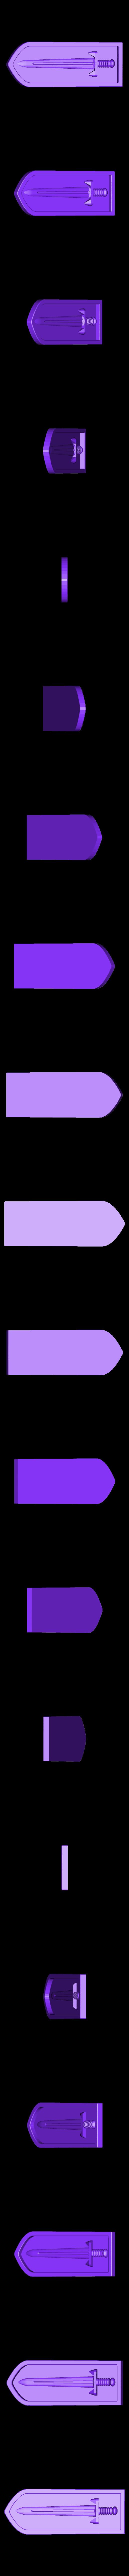 armbar-nishe-sword.stl Télécharger fichier STL gratuit Sci-fi bunker bunker bunker 28mm • Design pour impression 3D, Terrain4Print